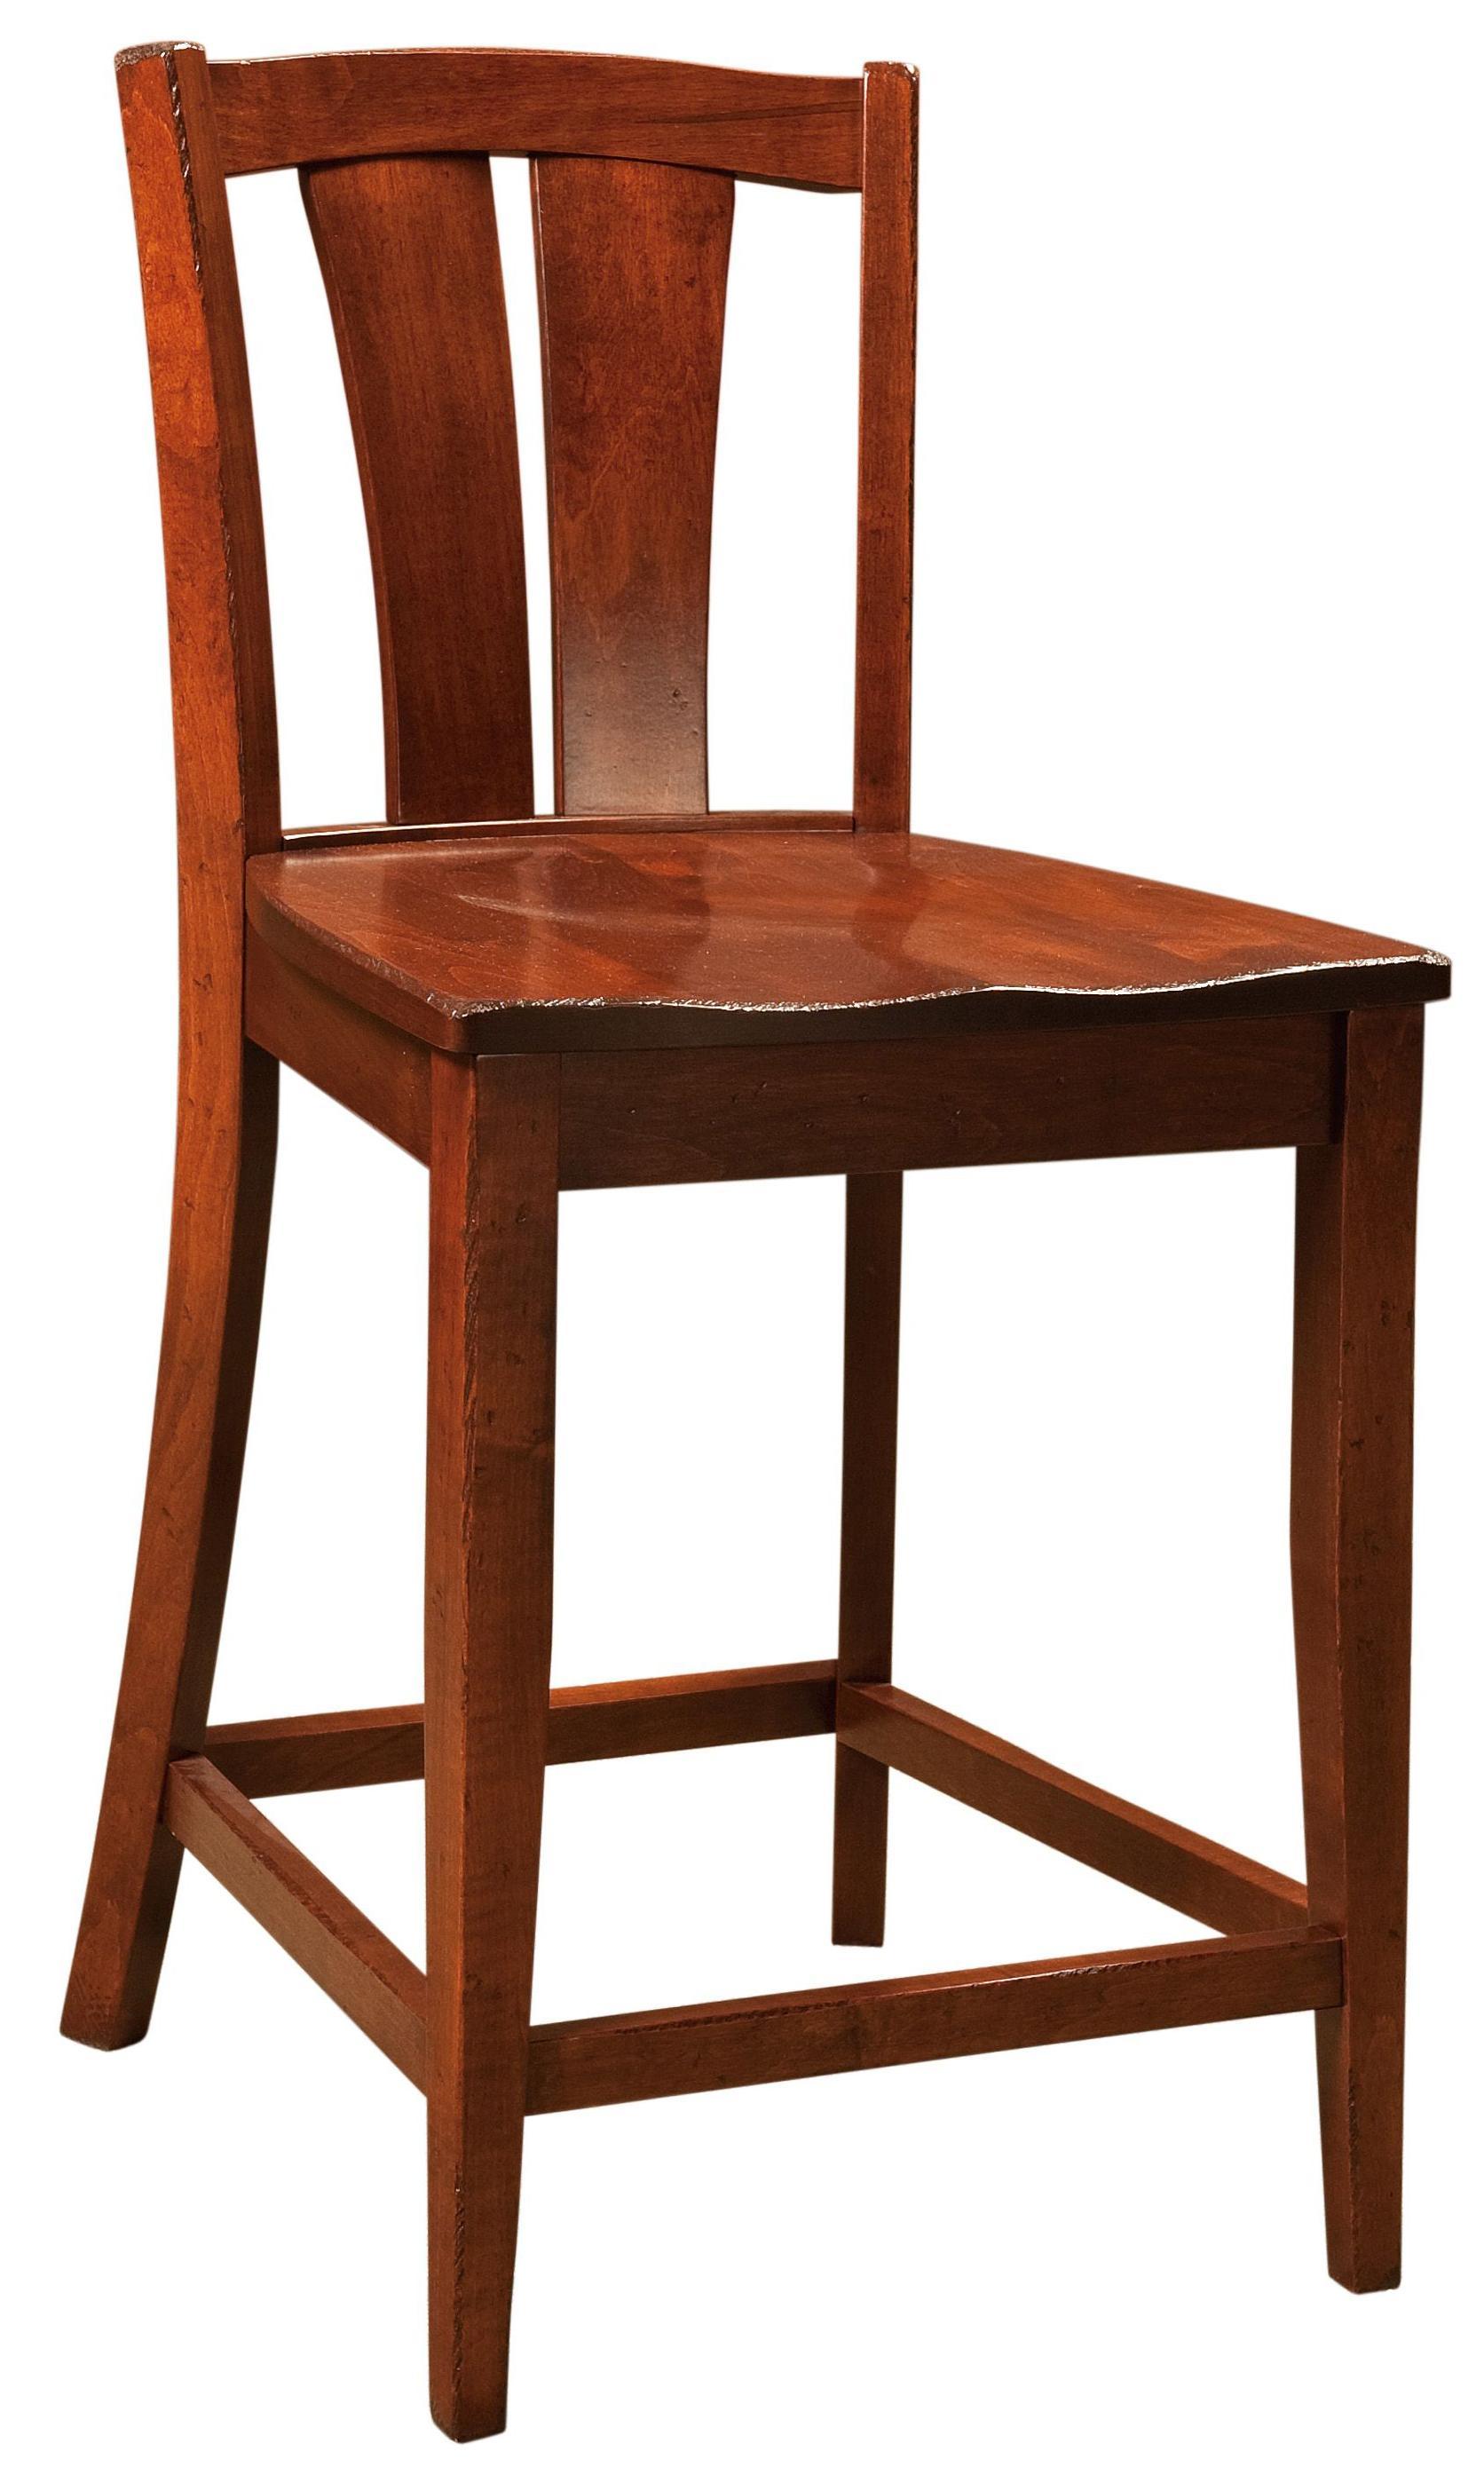 Bar Chairs Sedona Bar Chair at Williams & Kay